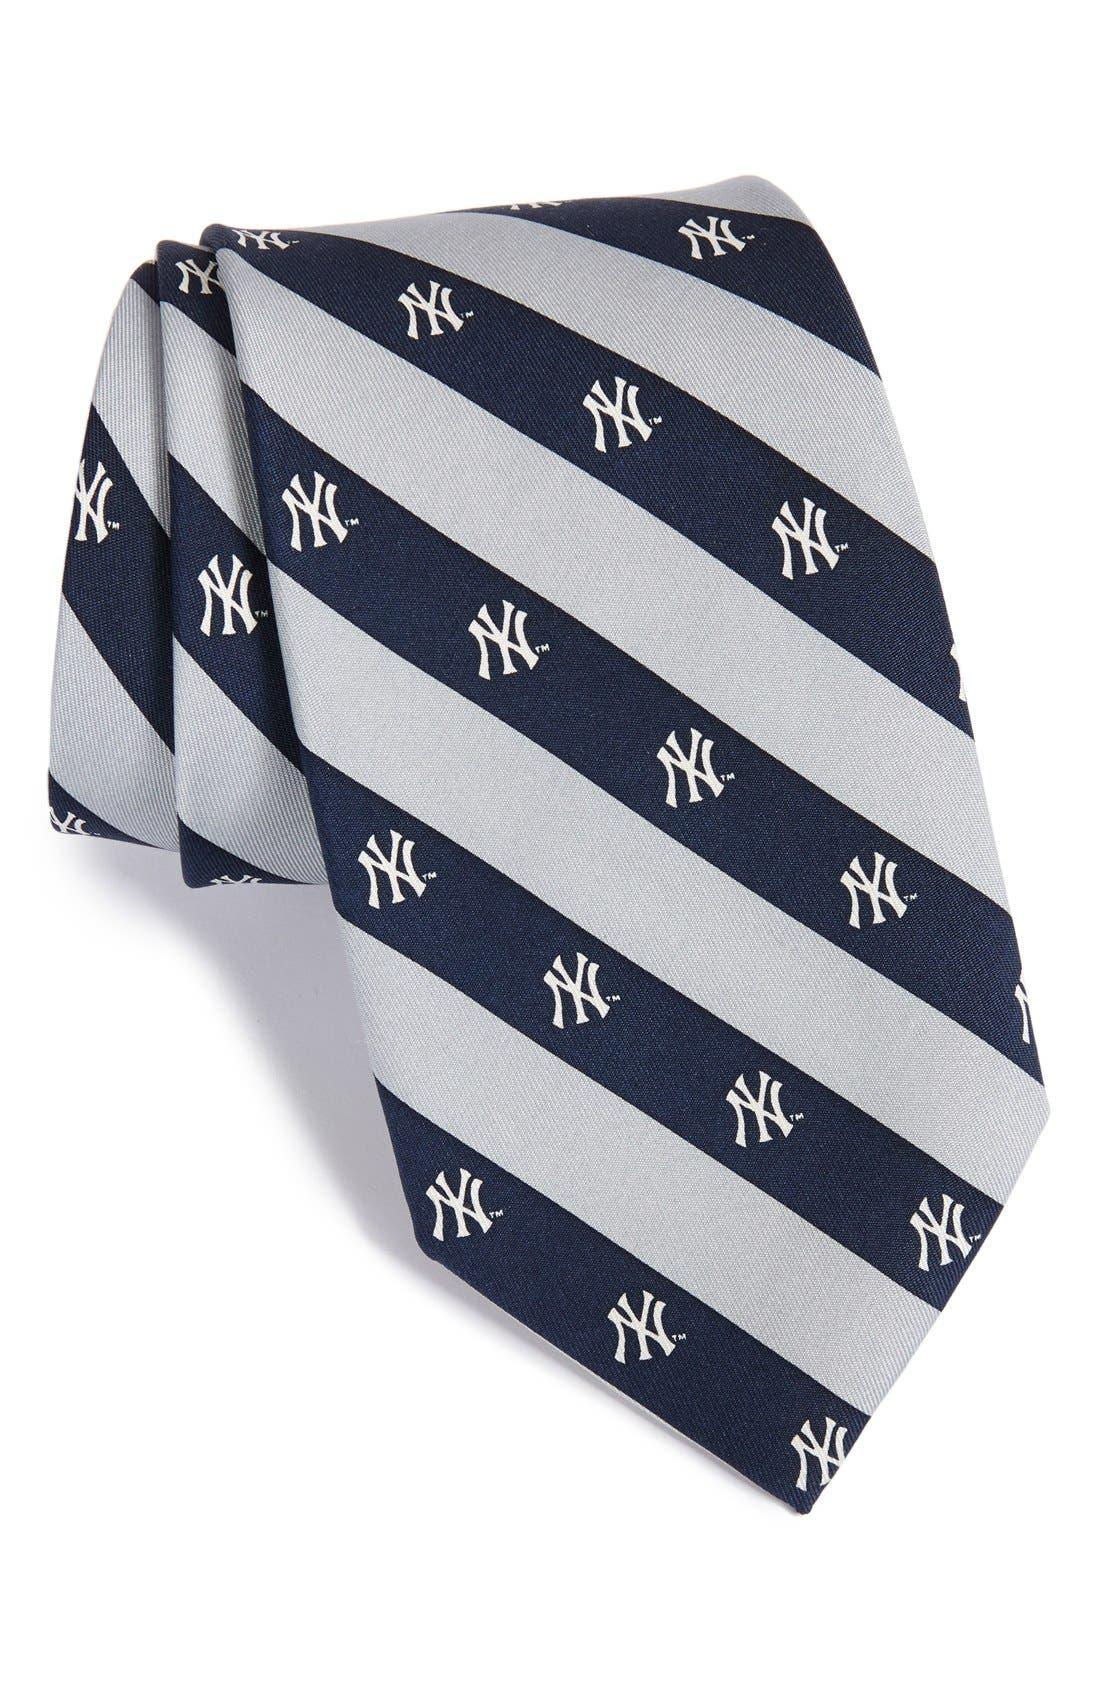 New York Yankees - MLB Print Silk Tie,                             Main thumbnail 1, color,                             Navy